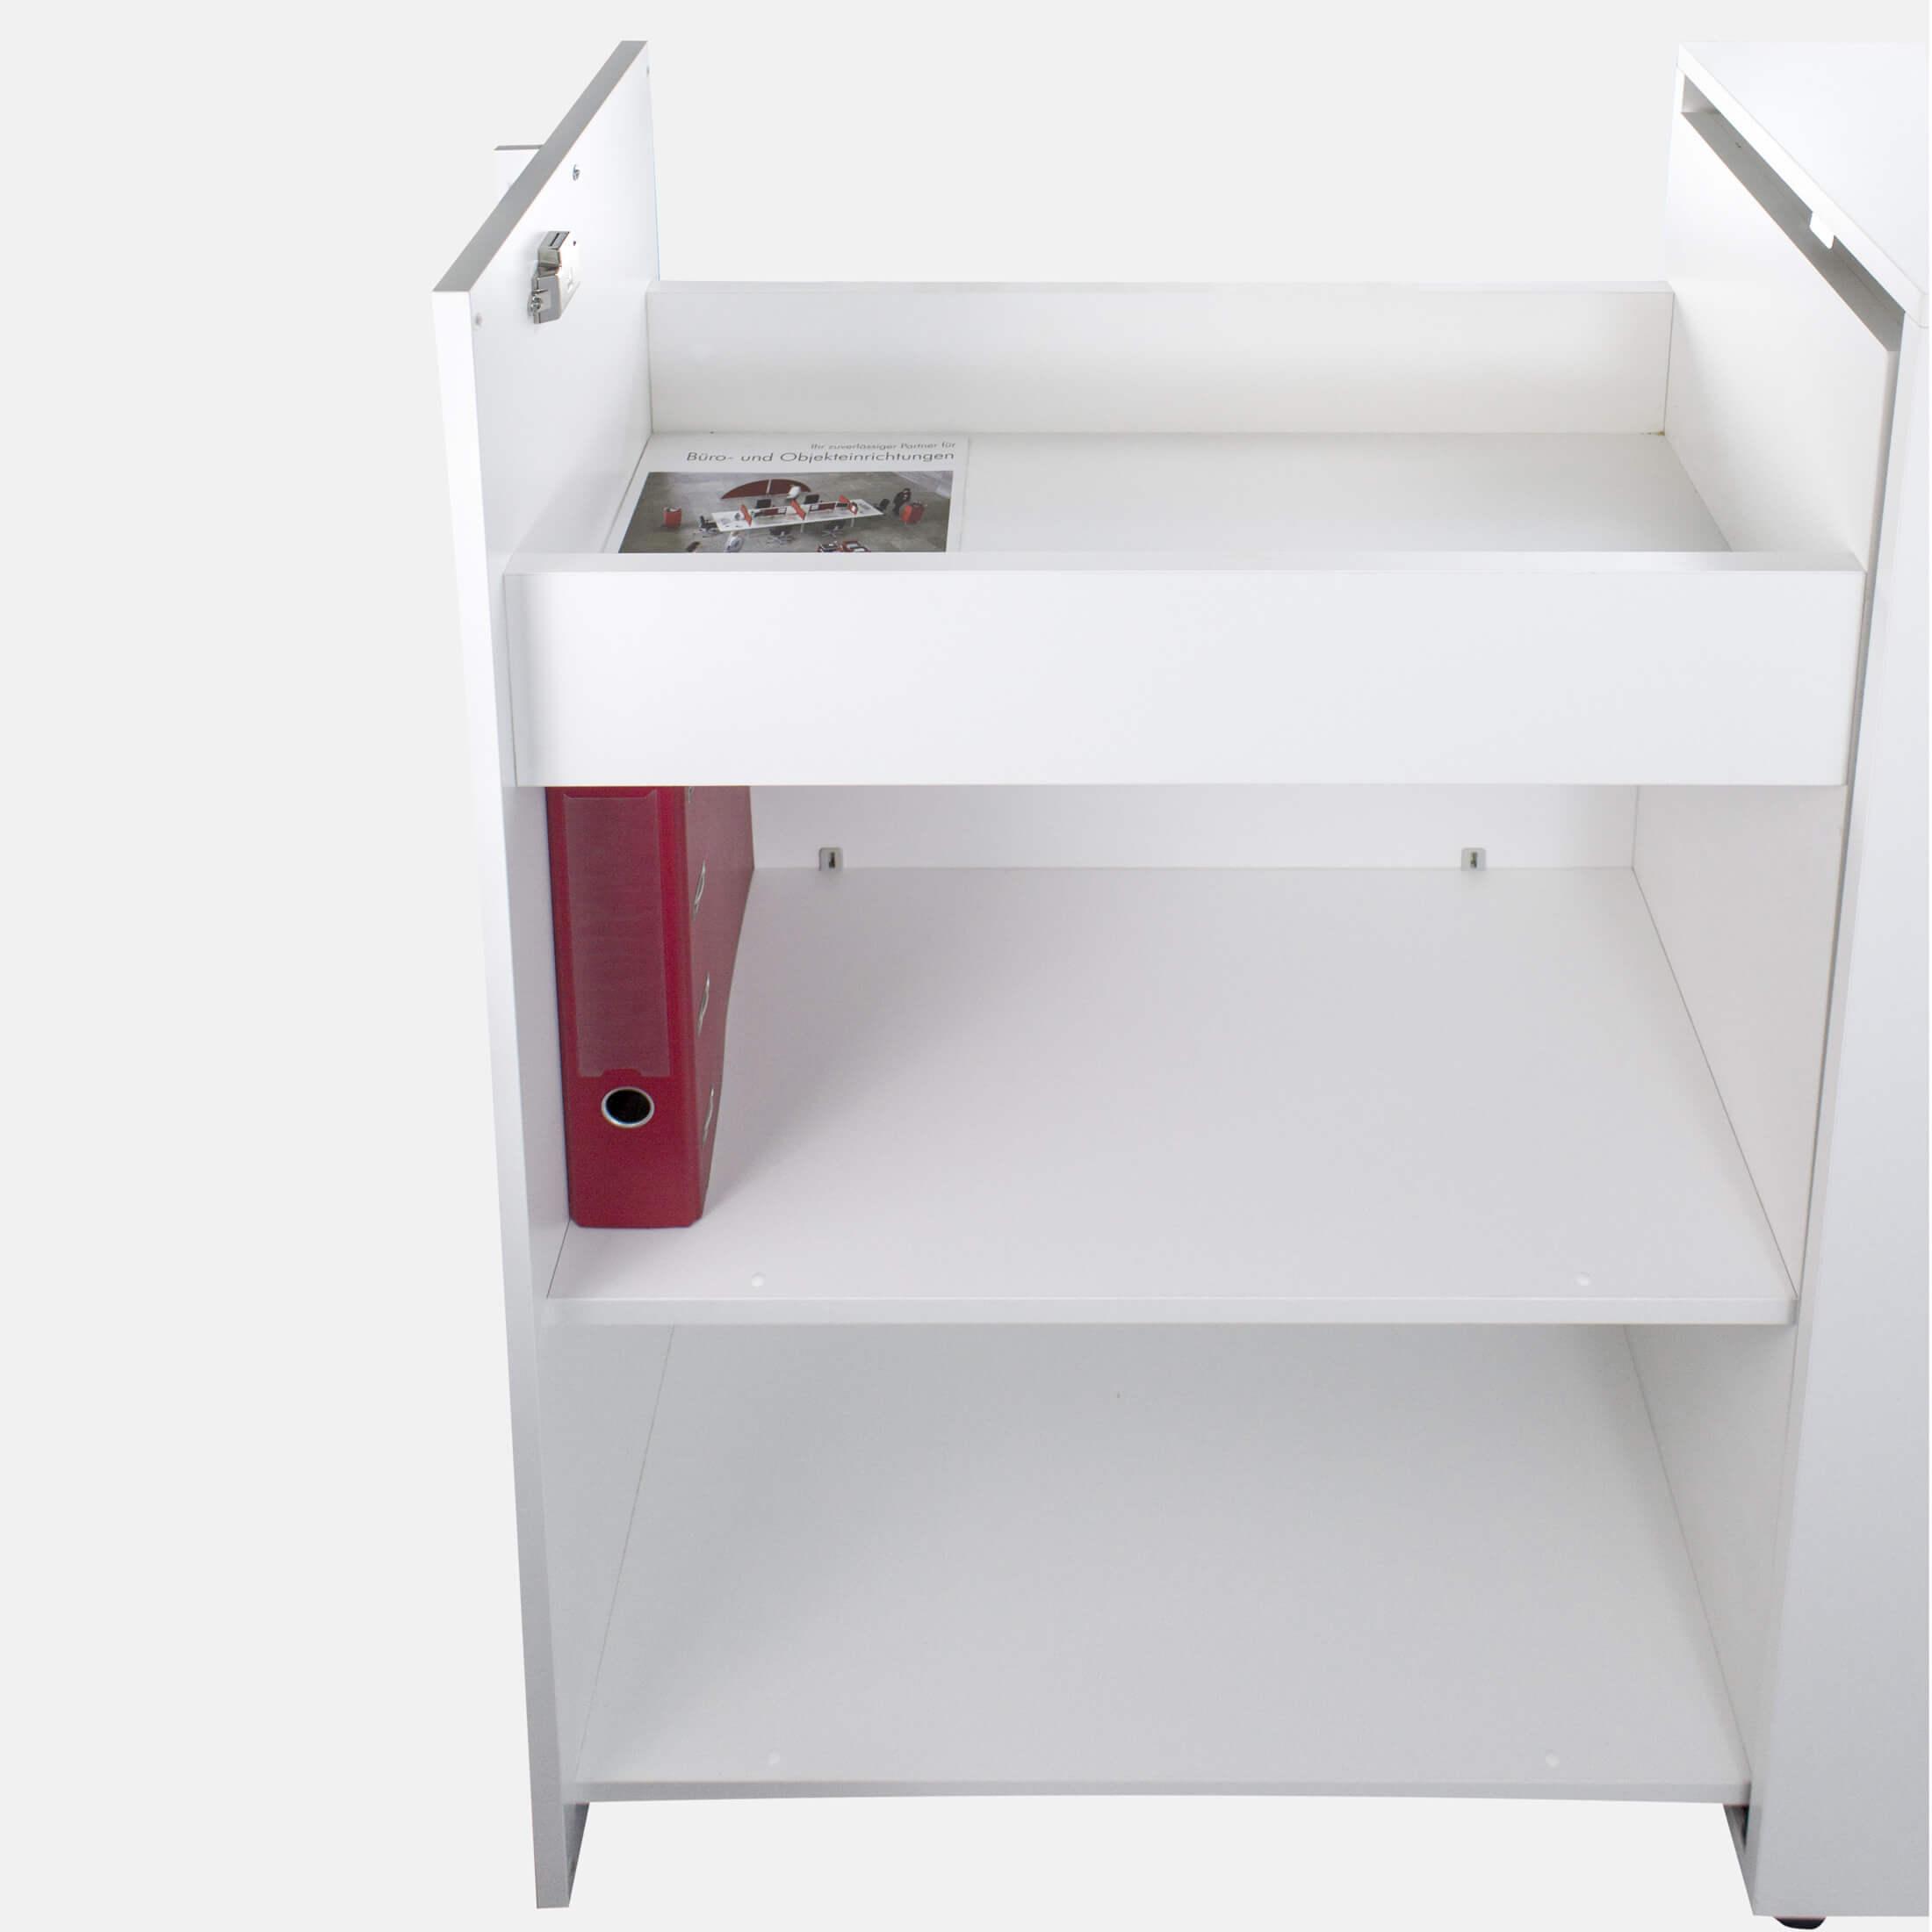 NOVA Apothekerschrank in Weiß 40 x 80 cm, Caddy, Hochcontainer, Container